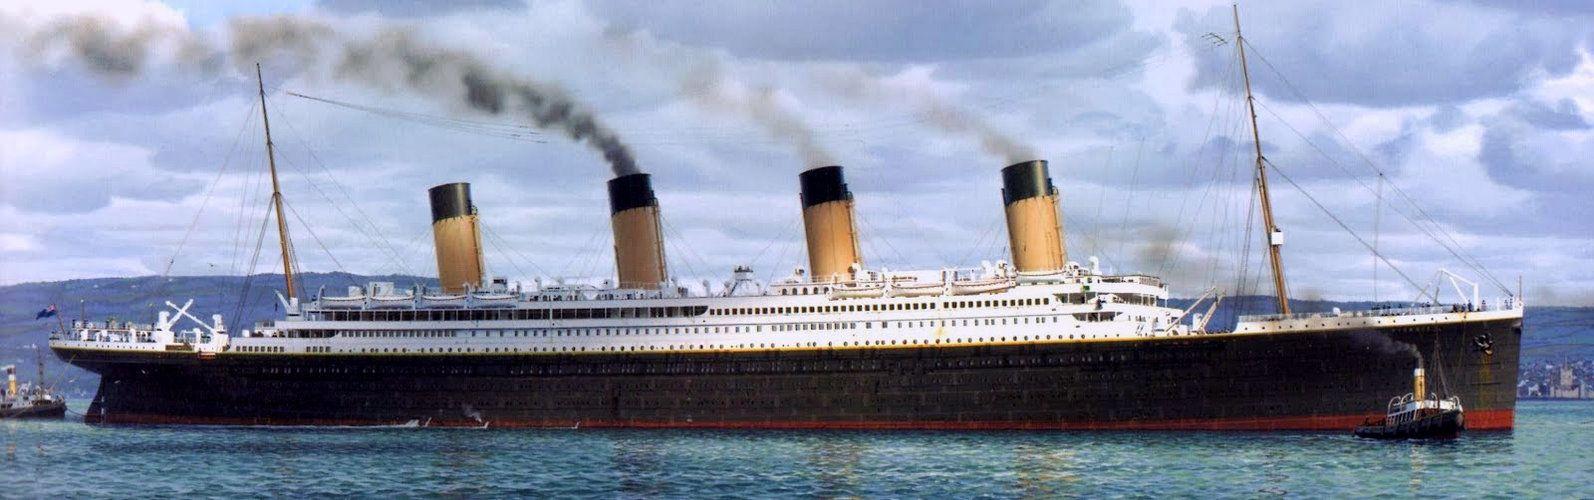 the last voyage of the lusitania pdf